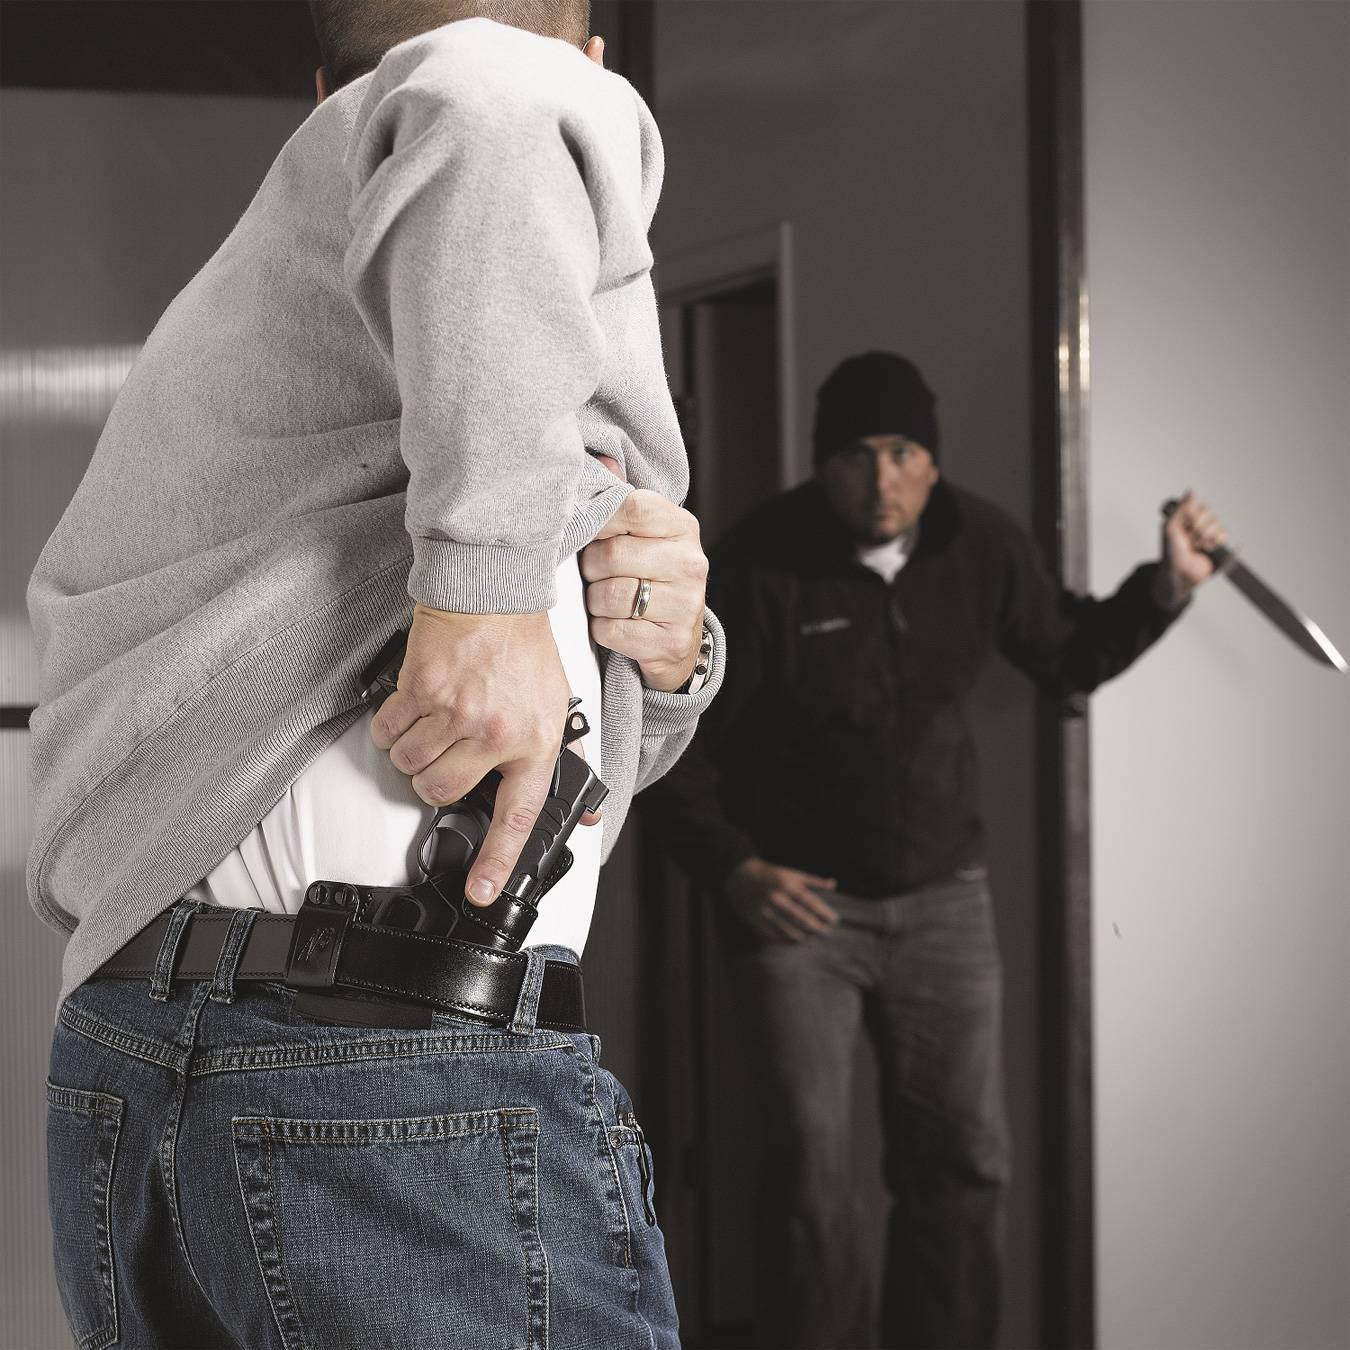 Безопасность при стрельбе из пистолета